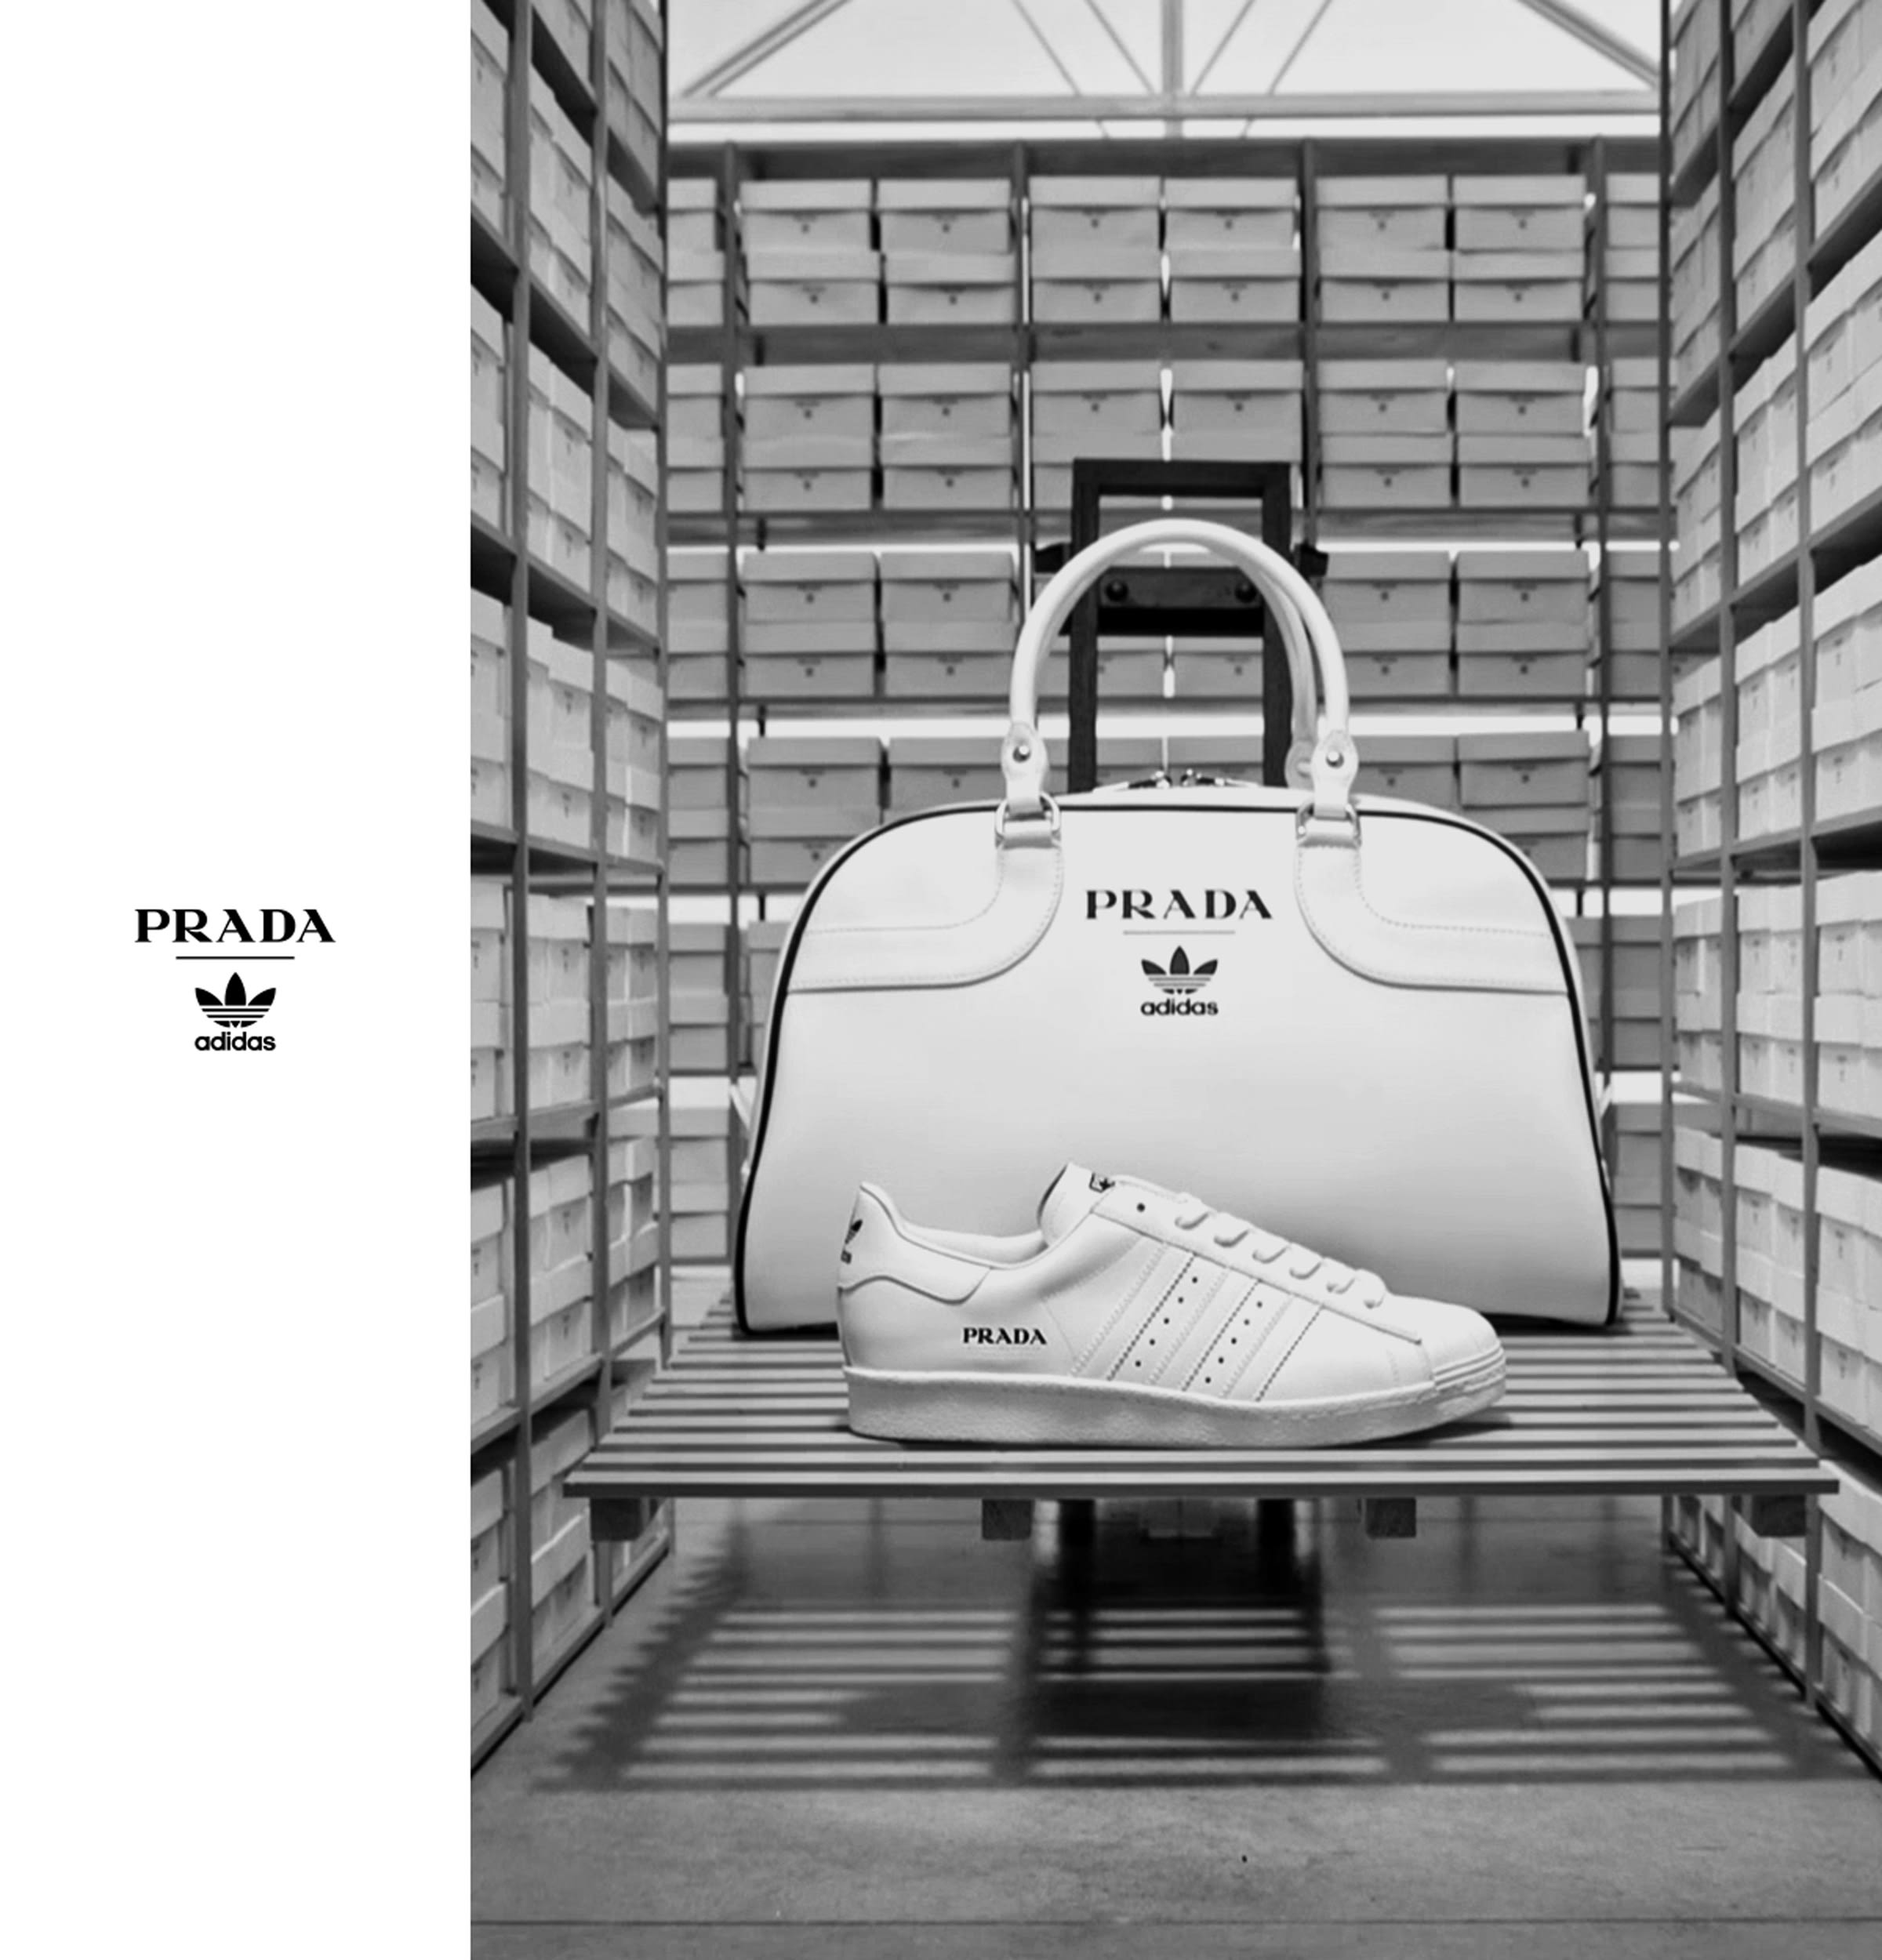 mejor calidad descuento especial de la mejor moda adidas Online Shop | adidas.es